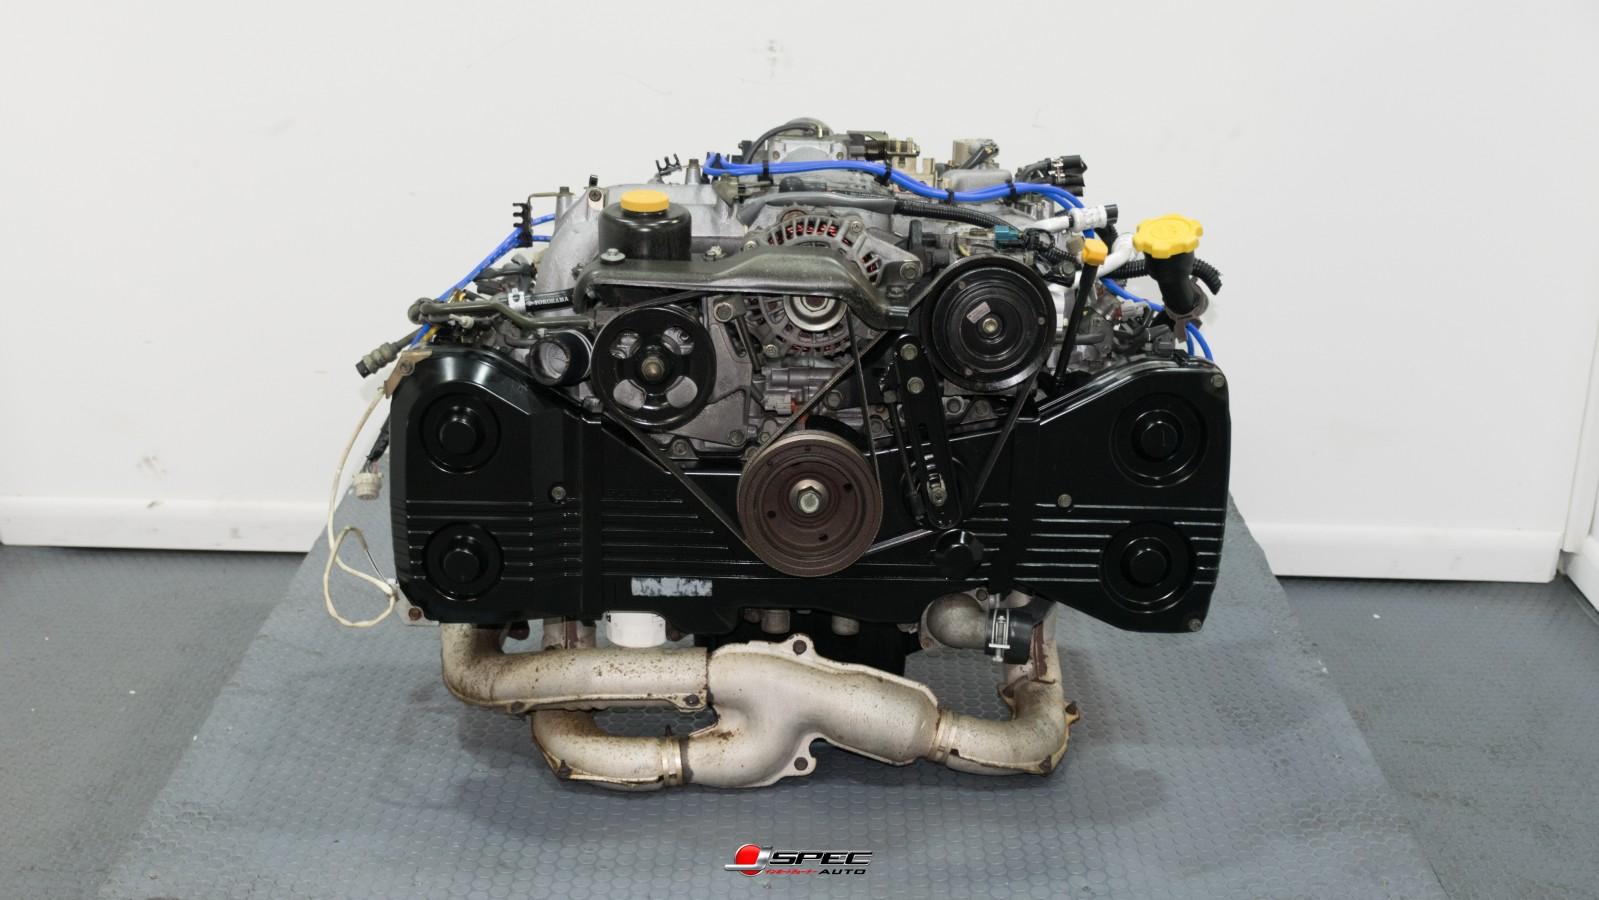 Jdm Subaru Ej25 Motor Dohc Quad Cam 2 5l Engine Ej25d